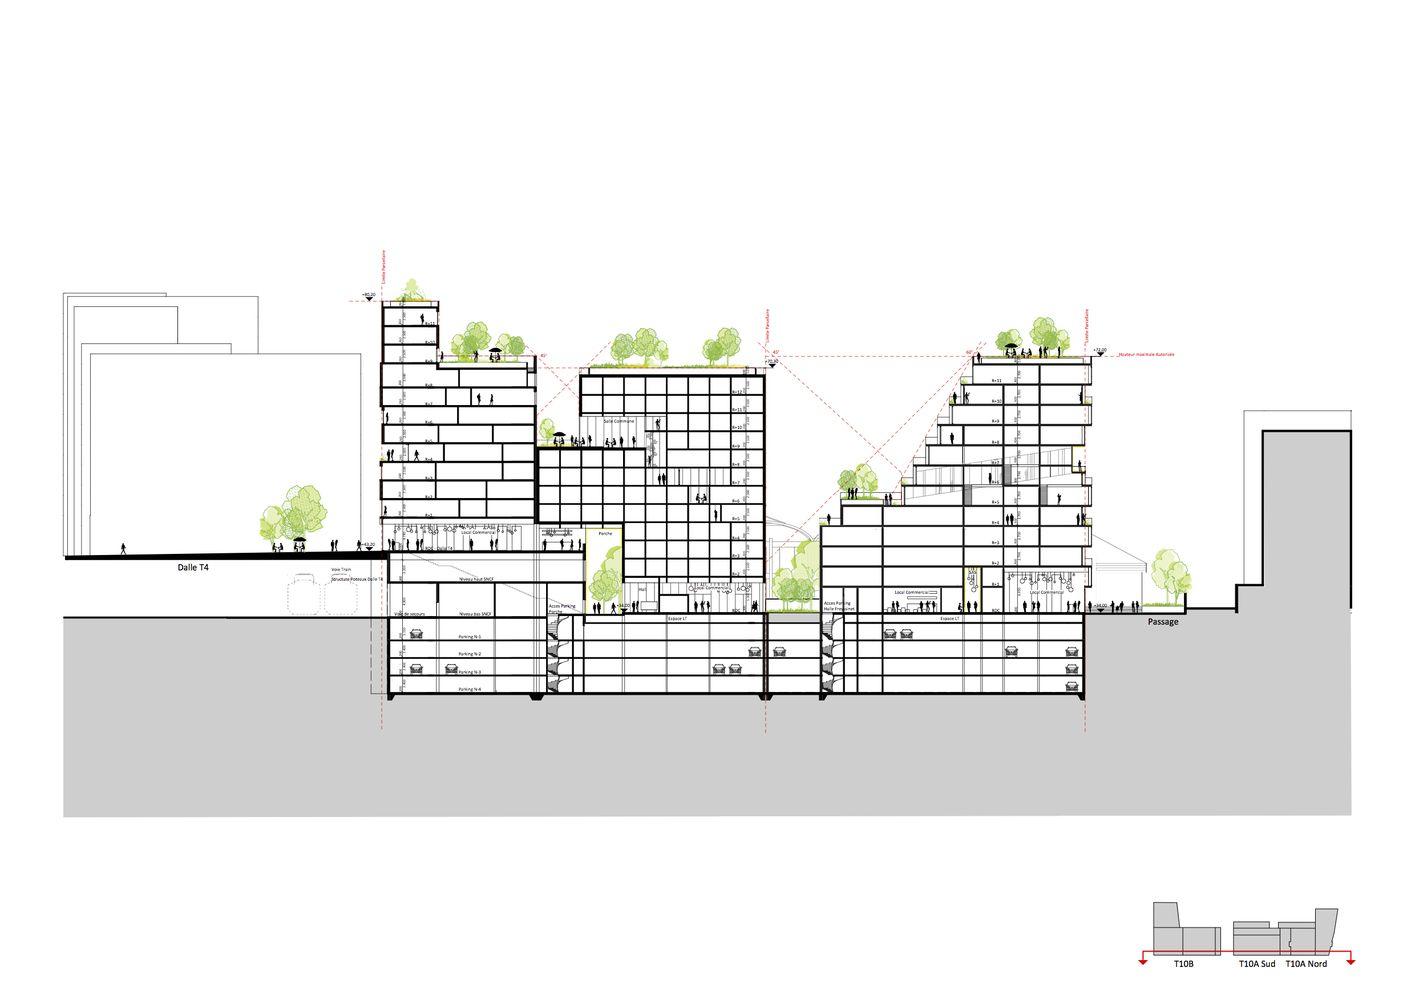 Galeria de SeARCH vence concurso habitacional em Paris - 4